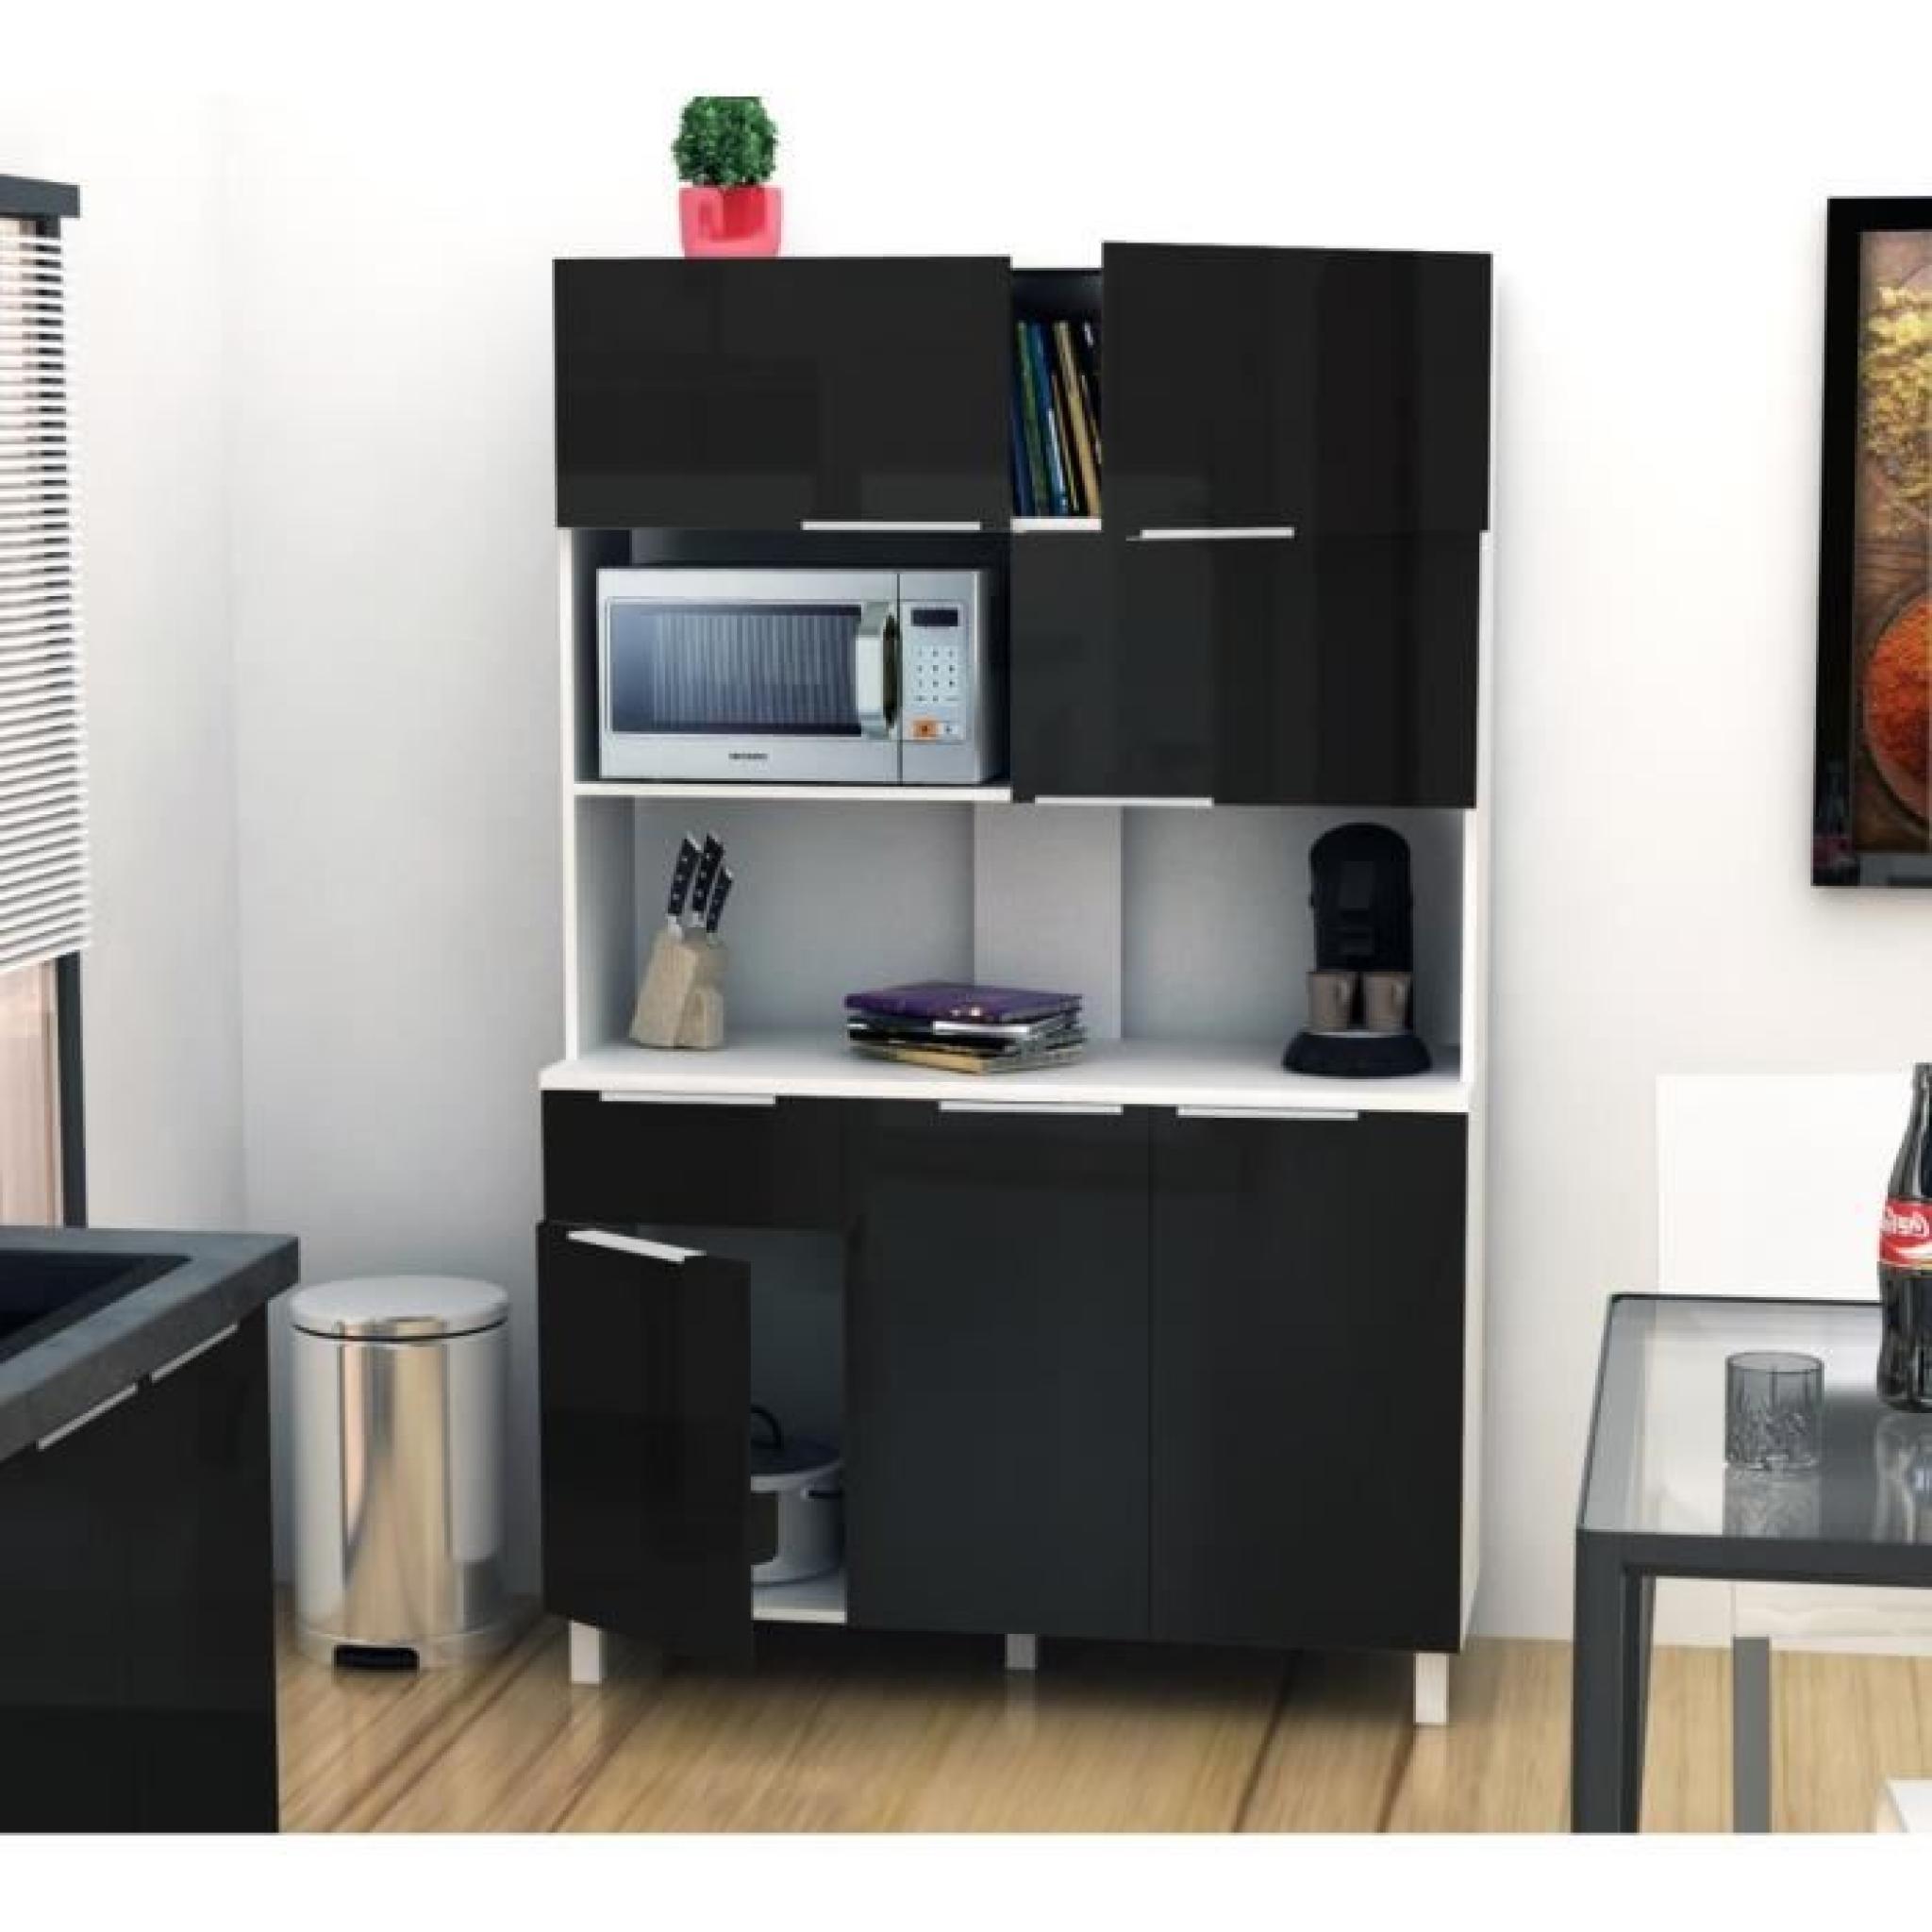 lova buffet de cuisine 120 cm noir haute brillance achat vente buffet de cuisine pas cher. Black Bedroom Furniture Sets. Home Design Ideas